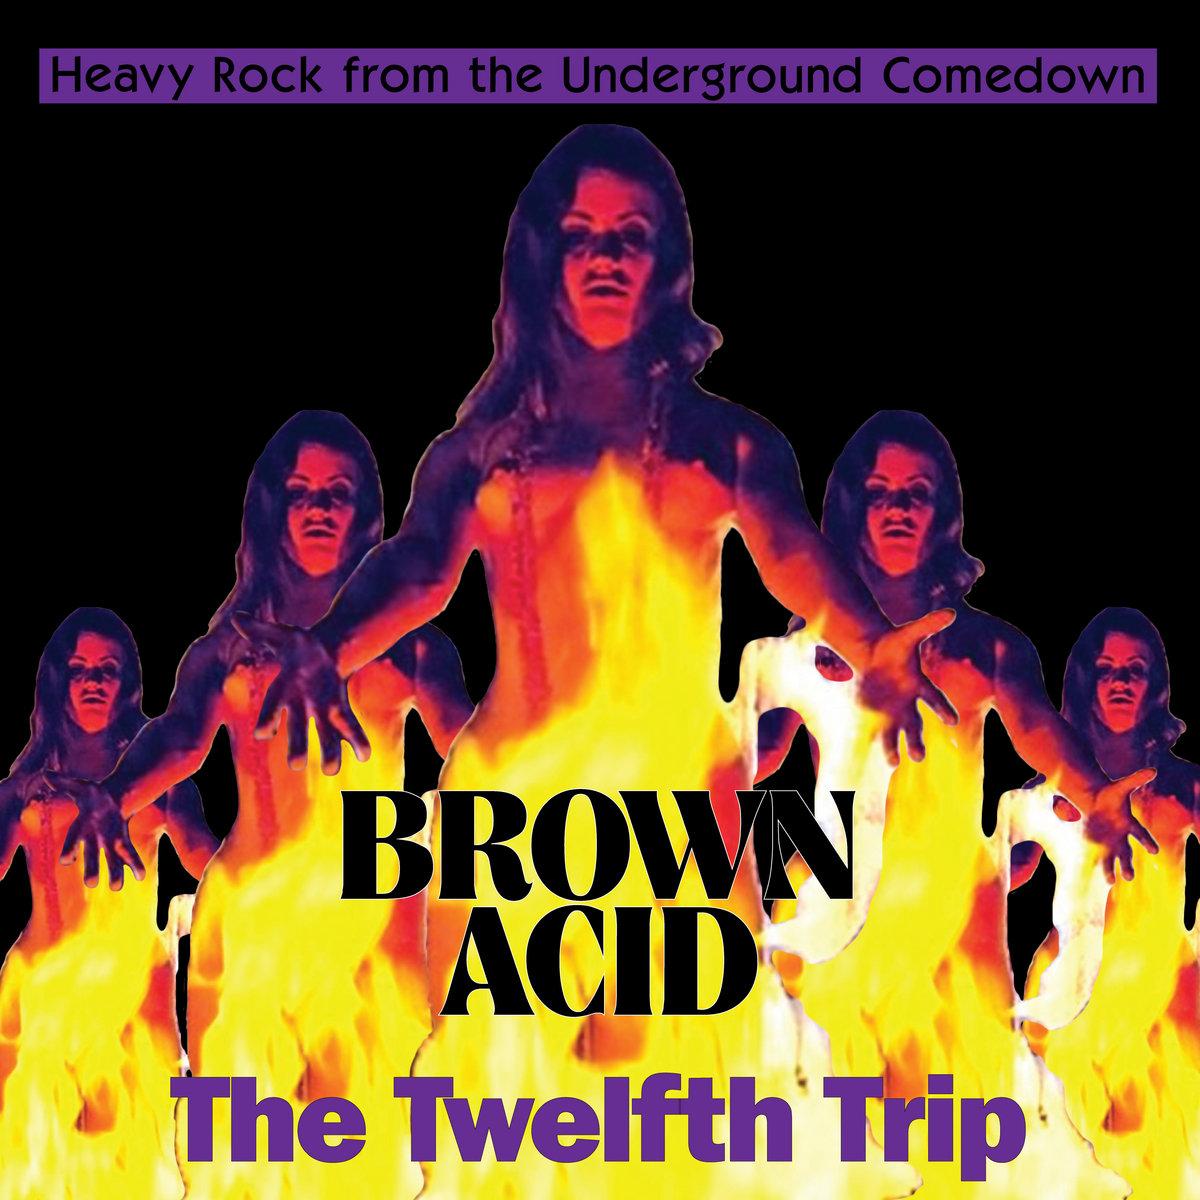 Brown Acid - The Twelfth Trip [LP]